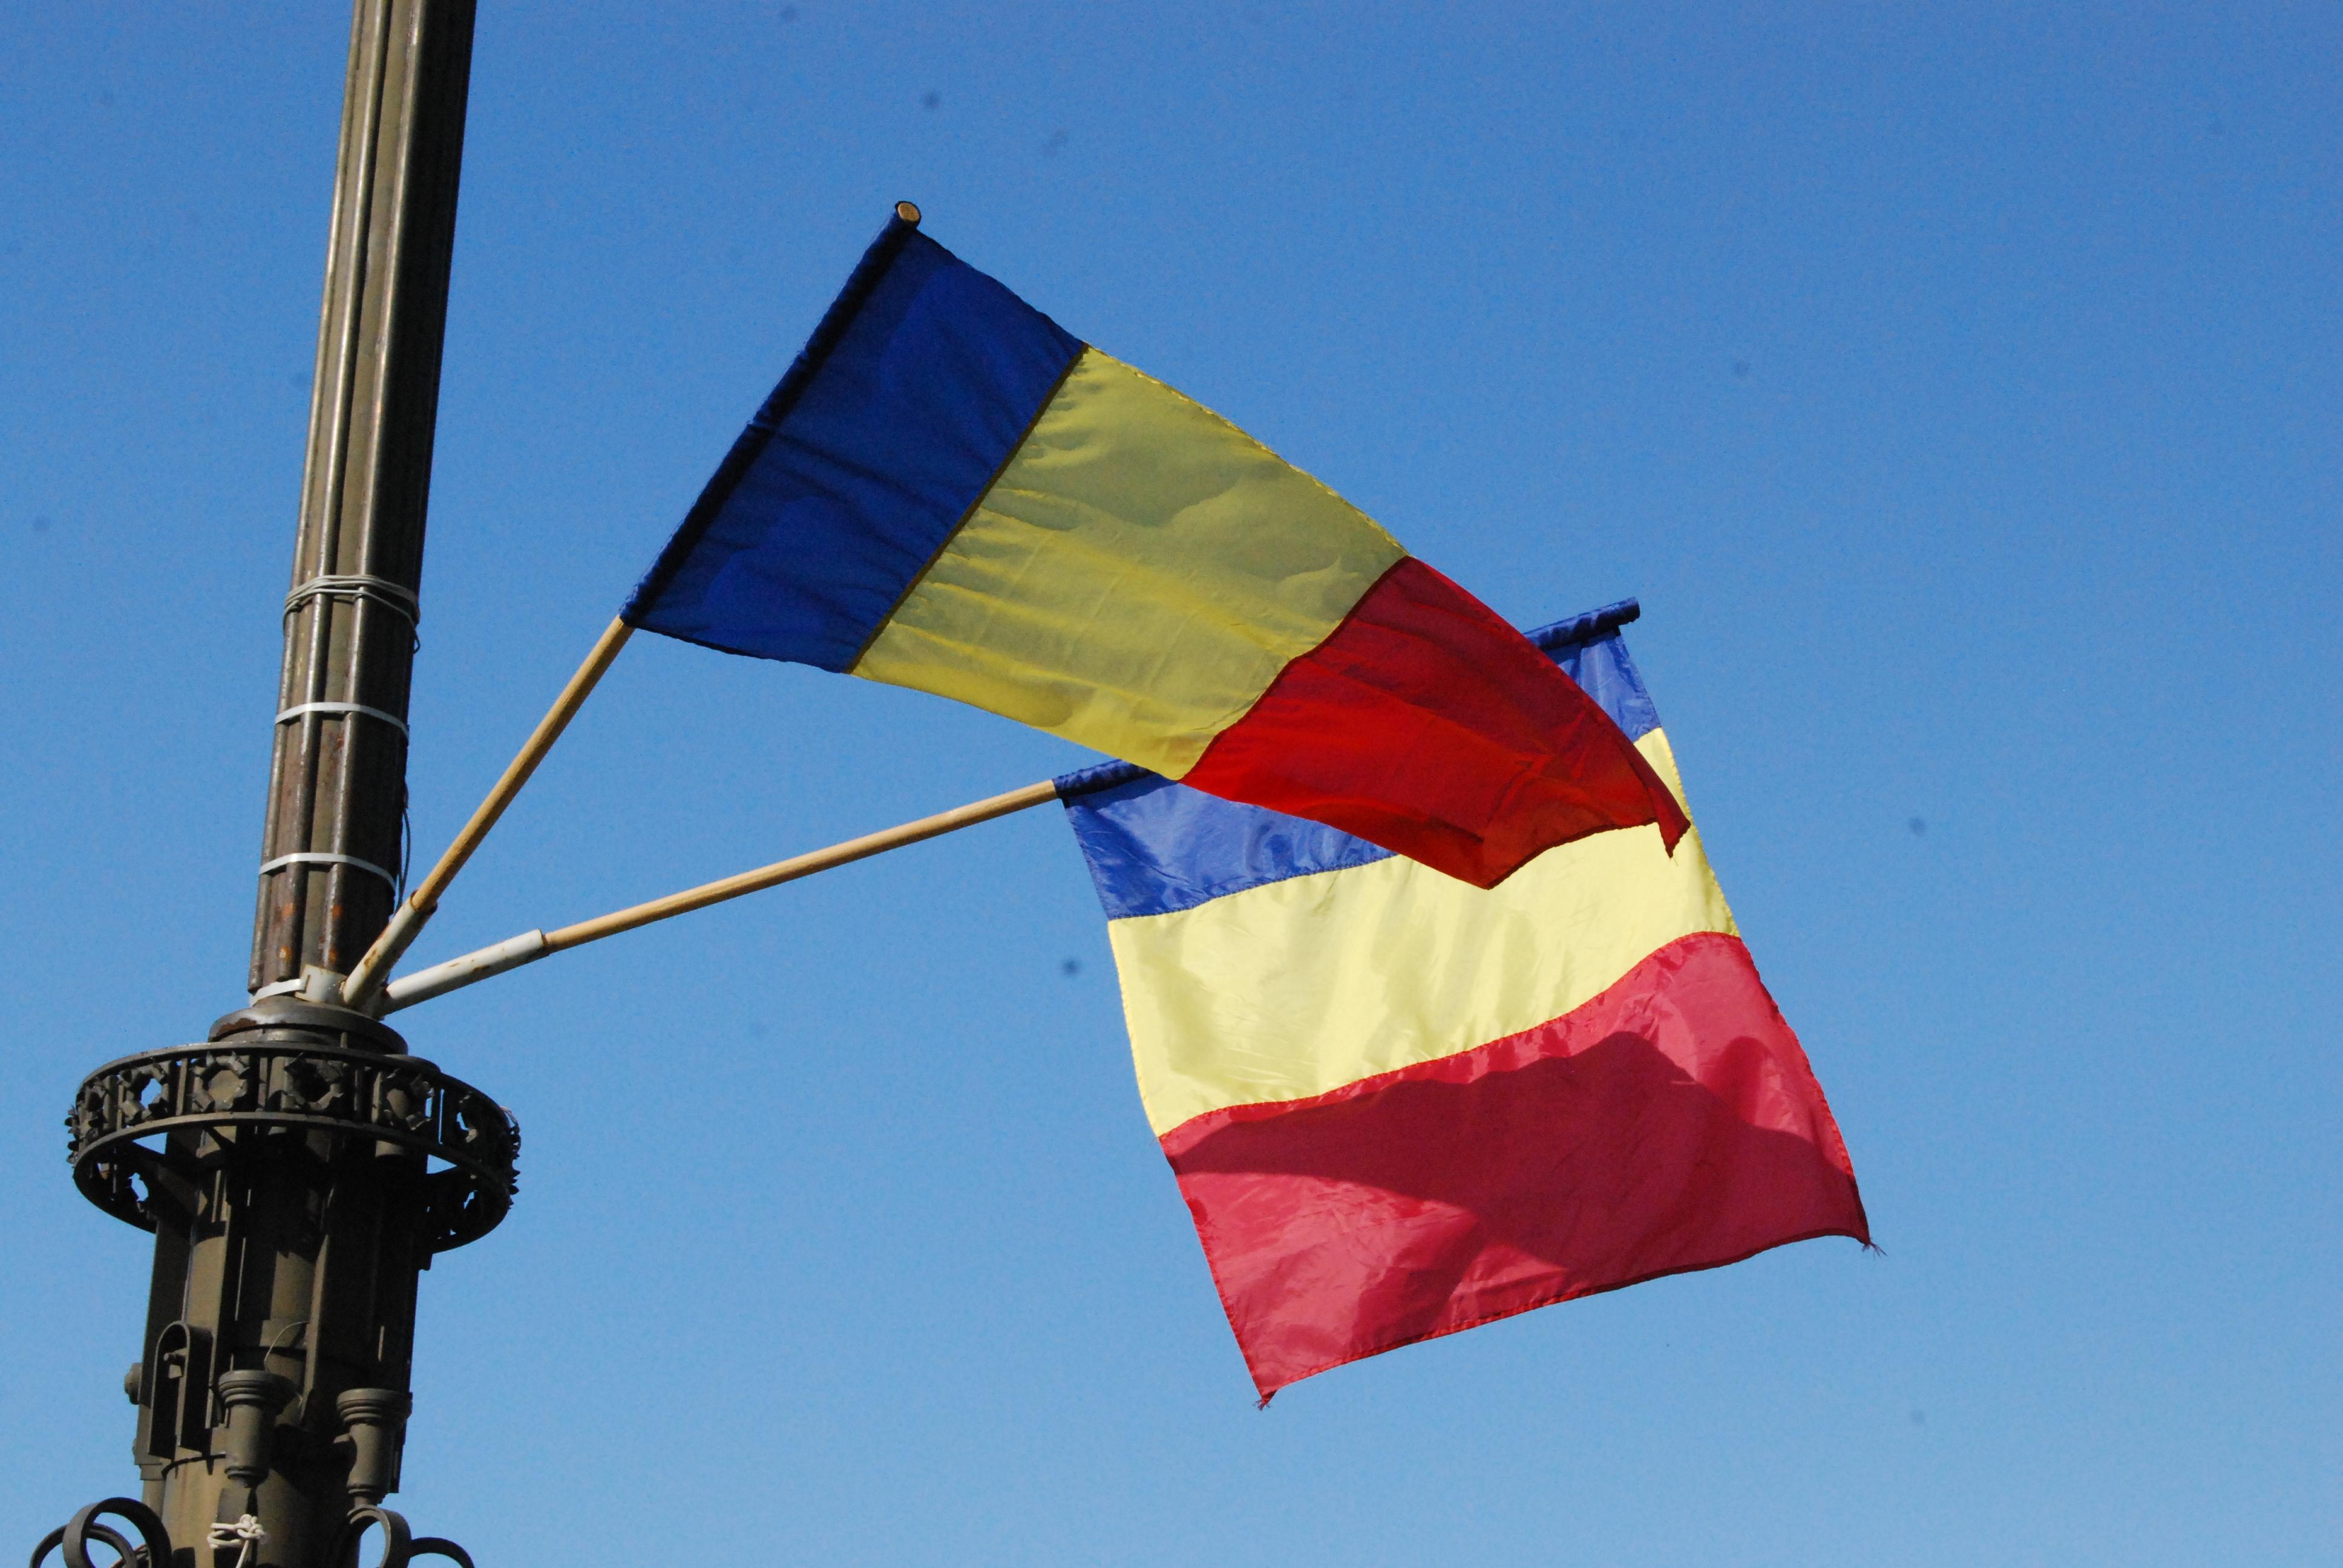 Câteva priorități pentru Romania până în 2020